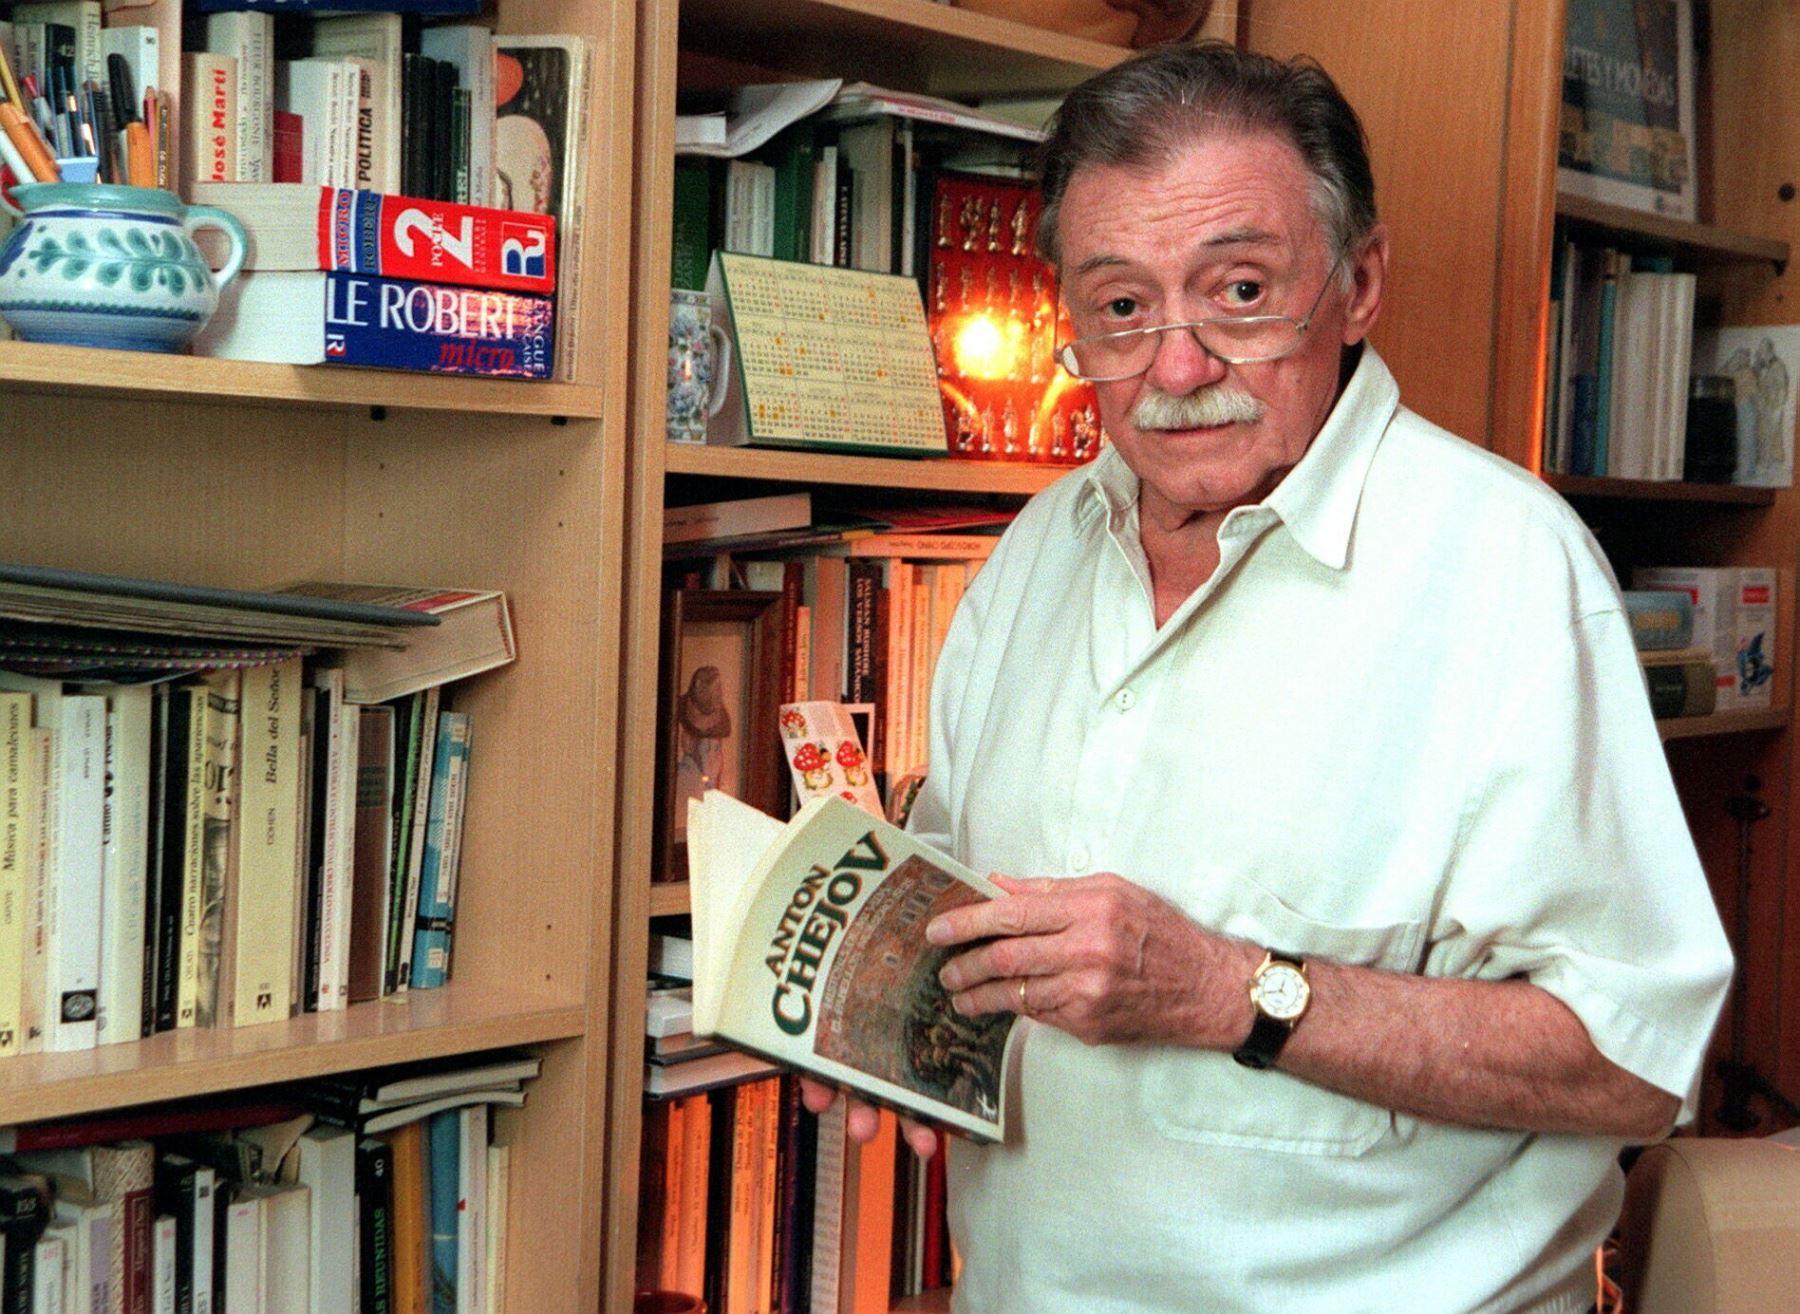 Fotografía de archivo fechada el 31 de mayo de 1999 que muestra al poeta uruguayo Mario Benedetti en su domicilio de Madrid (España). Foto: EFE